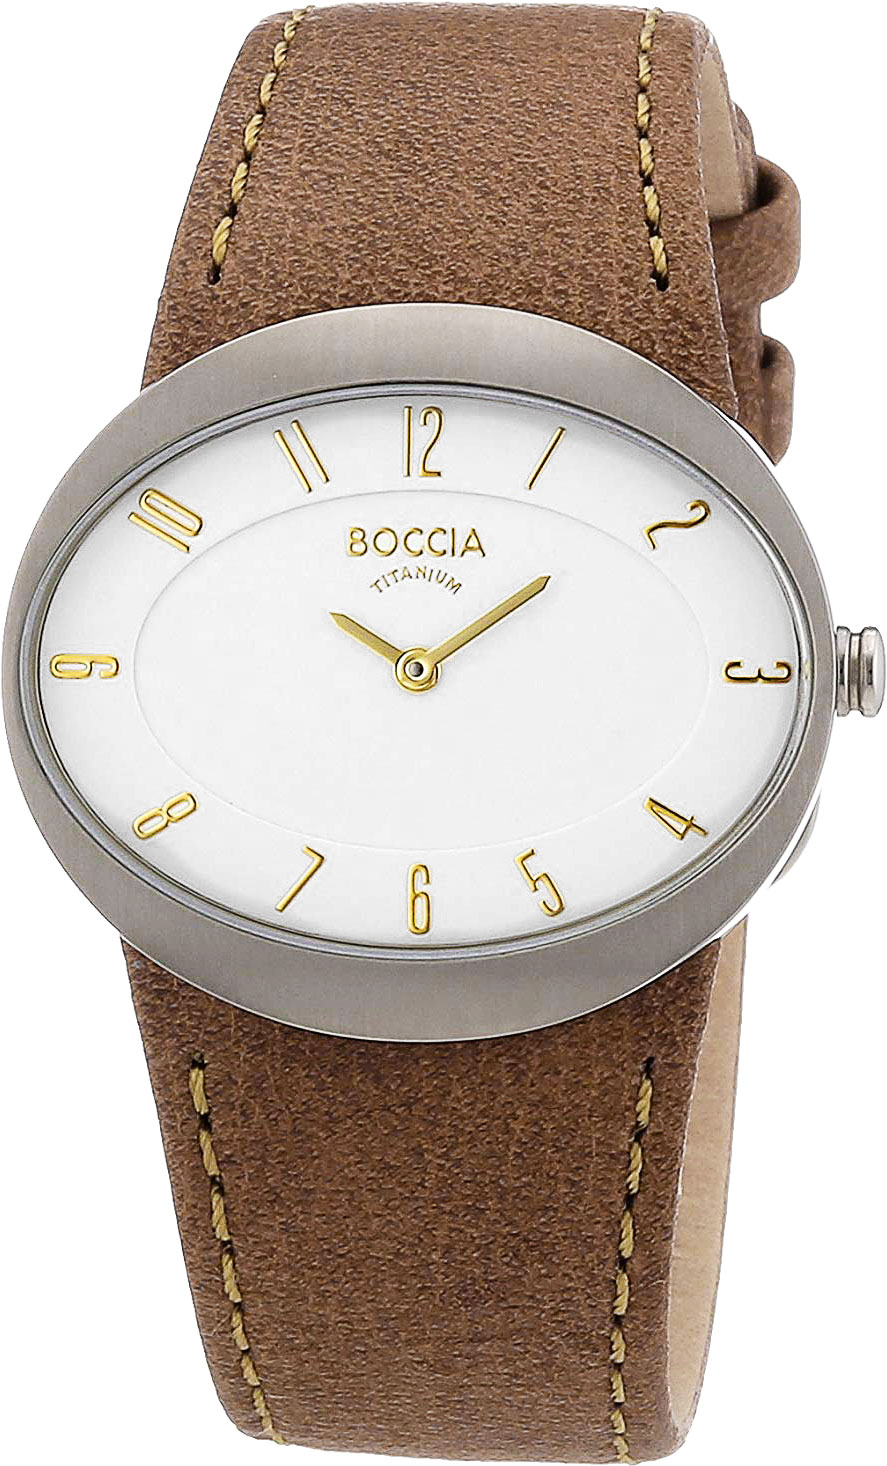 Женские часы Boccia Titanium 3165-01 женские часы boccia titanium 3208 01 page 9